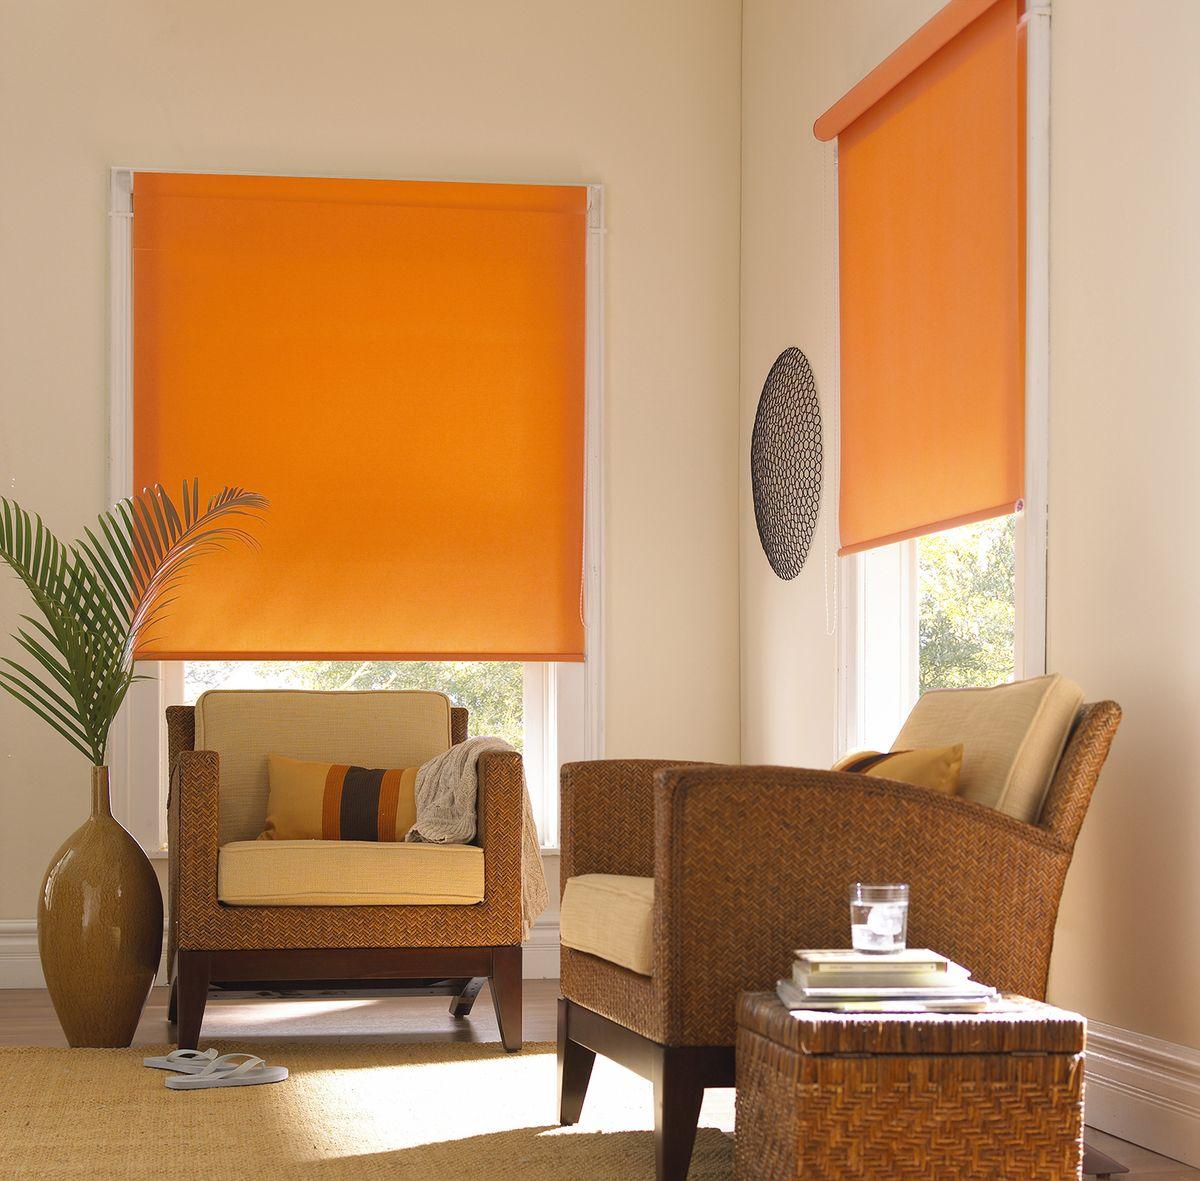 Штора рулонная Эскар Миниролло, цвет: апельсин, ширина 98 см, высота 170 см31203098170Рулонная штора Эскар Миниролло выполнена из высокопрочной ткани, которая сохраняет свой размер даже при намокании. Ткань не выцветает и обладает отличной цветоустойчивостью. Миниролло - это подвид рулонных штор, который закрывает не весь оконный проем, а непосредственно само стекло. Такие шторы крепятся на раму без сверления при помощи зажимов или клейкой двухсторонней ленты (в комплекте). Окно остается на гарантии, благодаря монтажу без сверления. Такая штора станет прекрасным элементом декора окна и гармонично впишется в интерьер любого помещения.